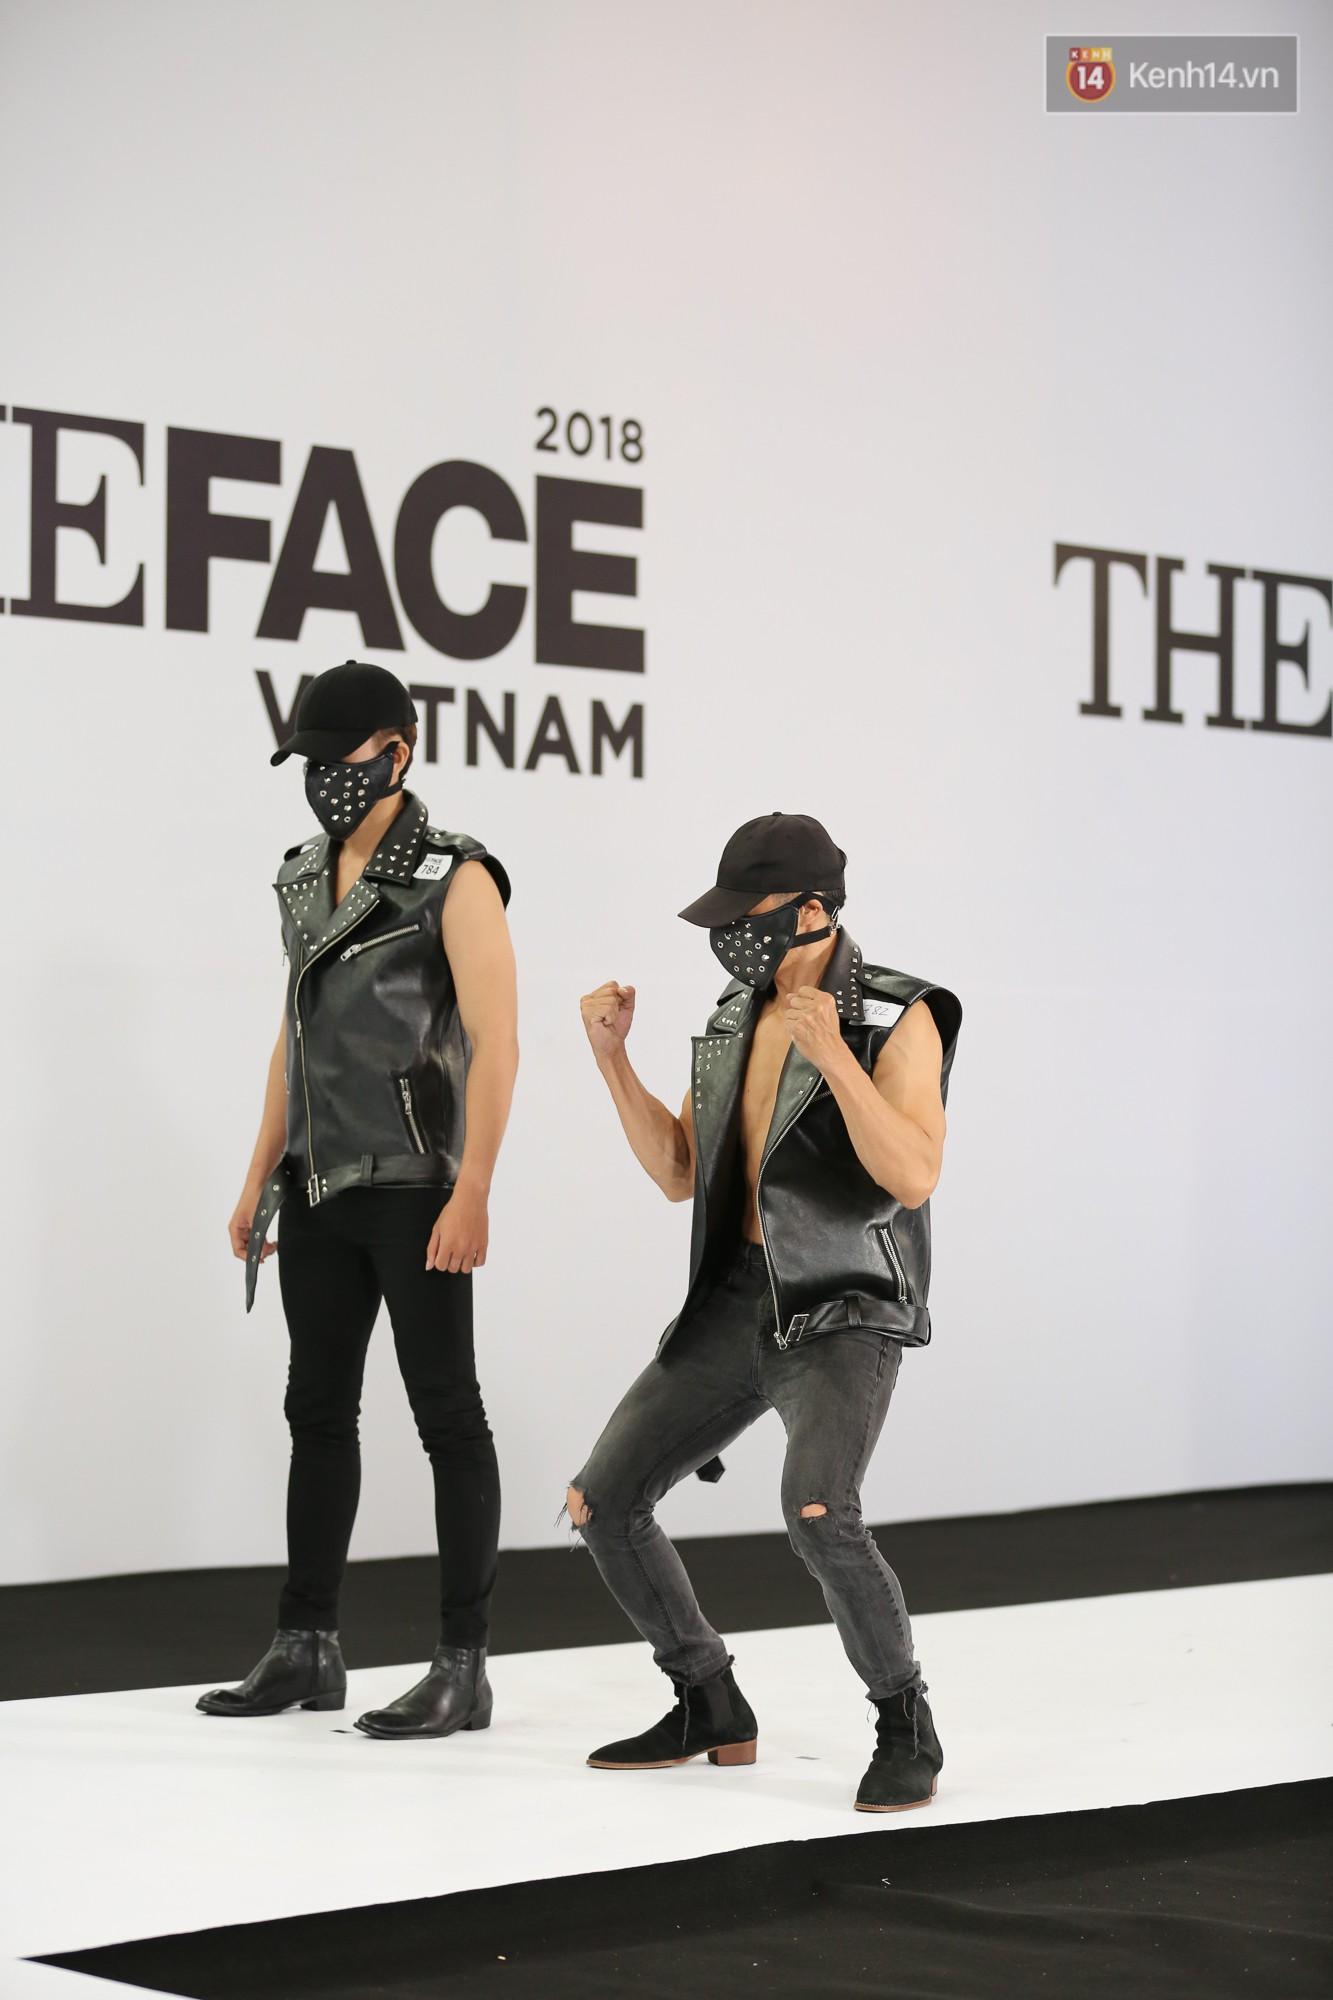 The Face thi hình thể: Trai xinh gái đẹp khoe body hấp dẫn, có thí sinh đầu tiên ngất xỉu - Ảnh 13.